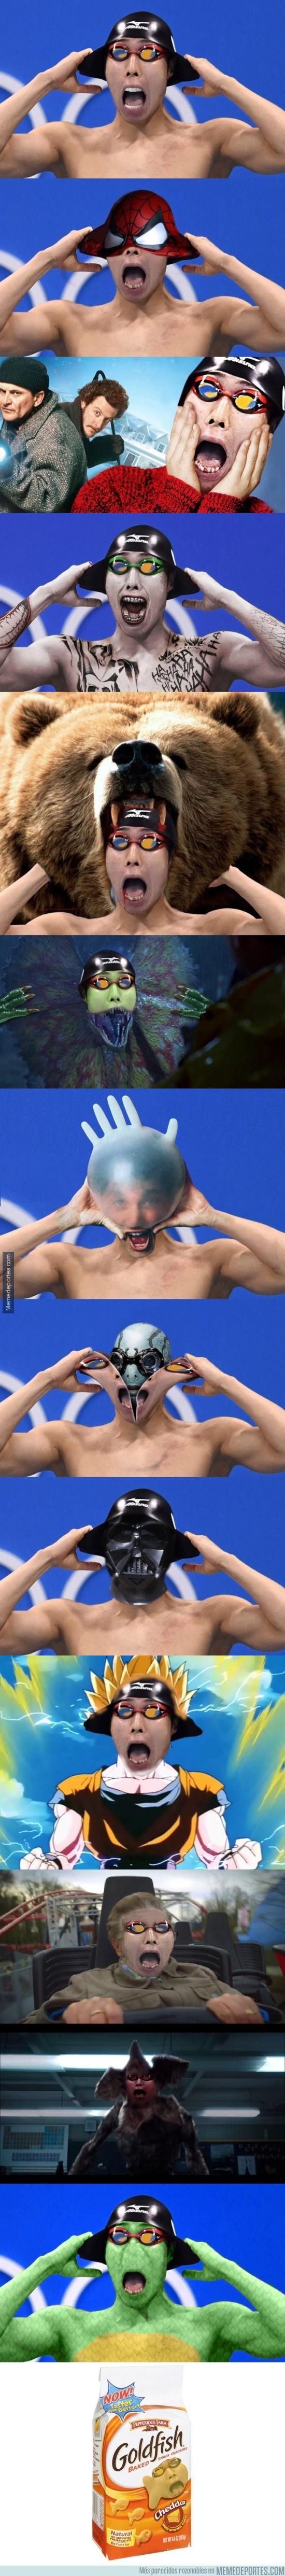 898435 - Internet trollea a nadador japonés ganador de un oro… Ya no hay respeto